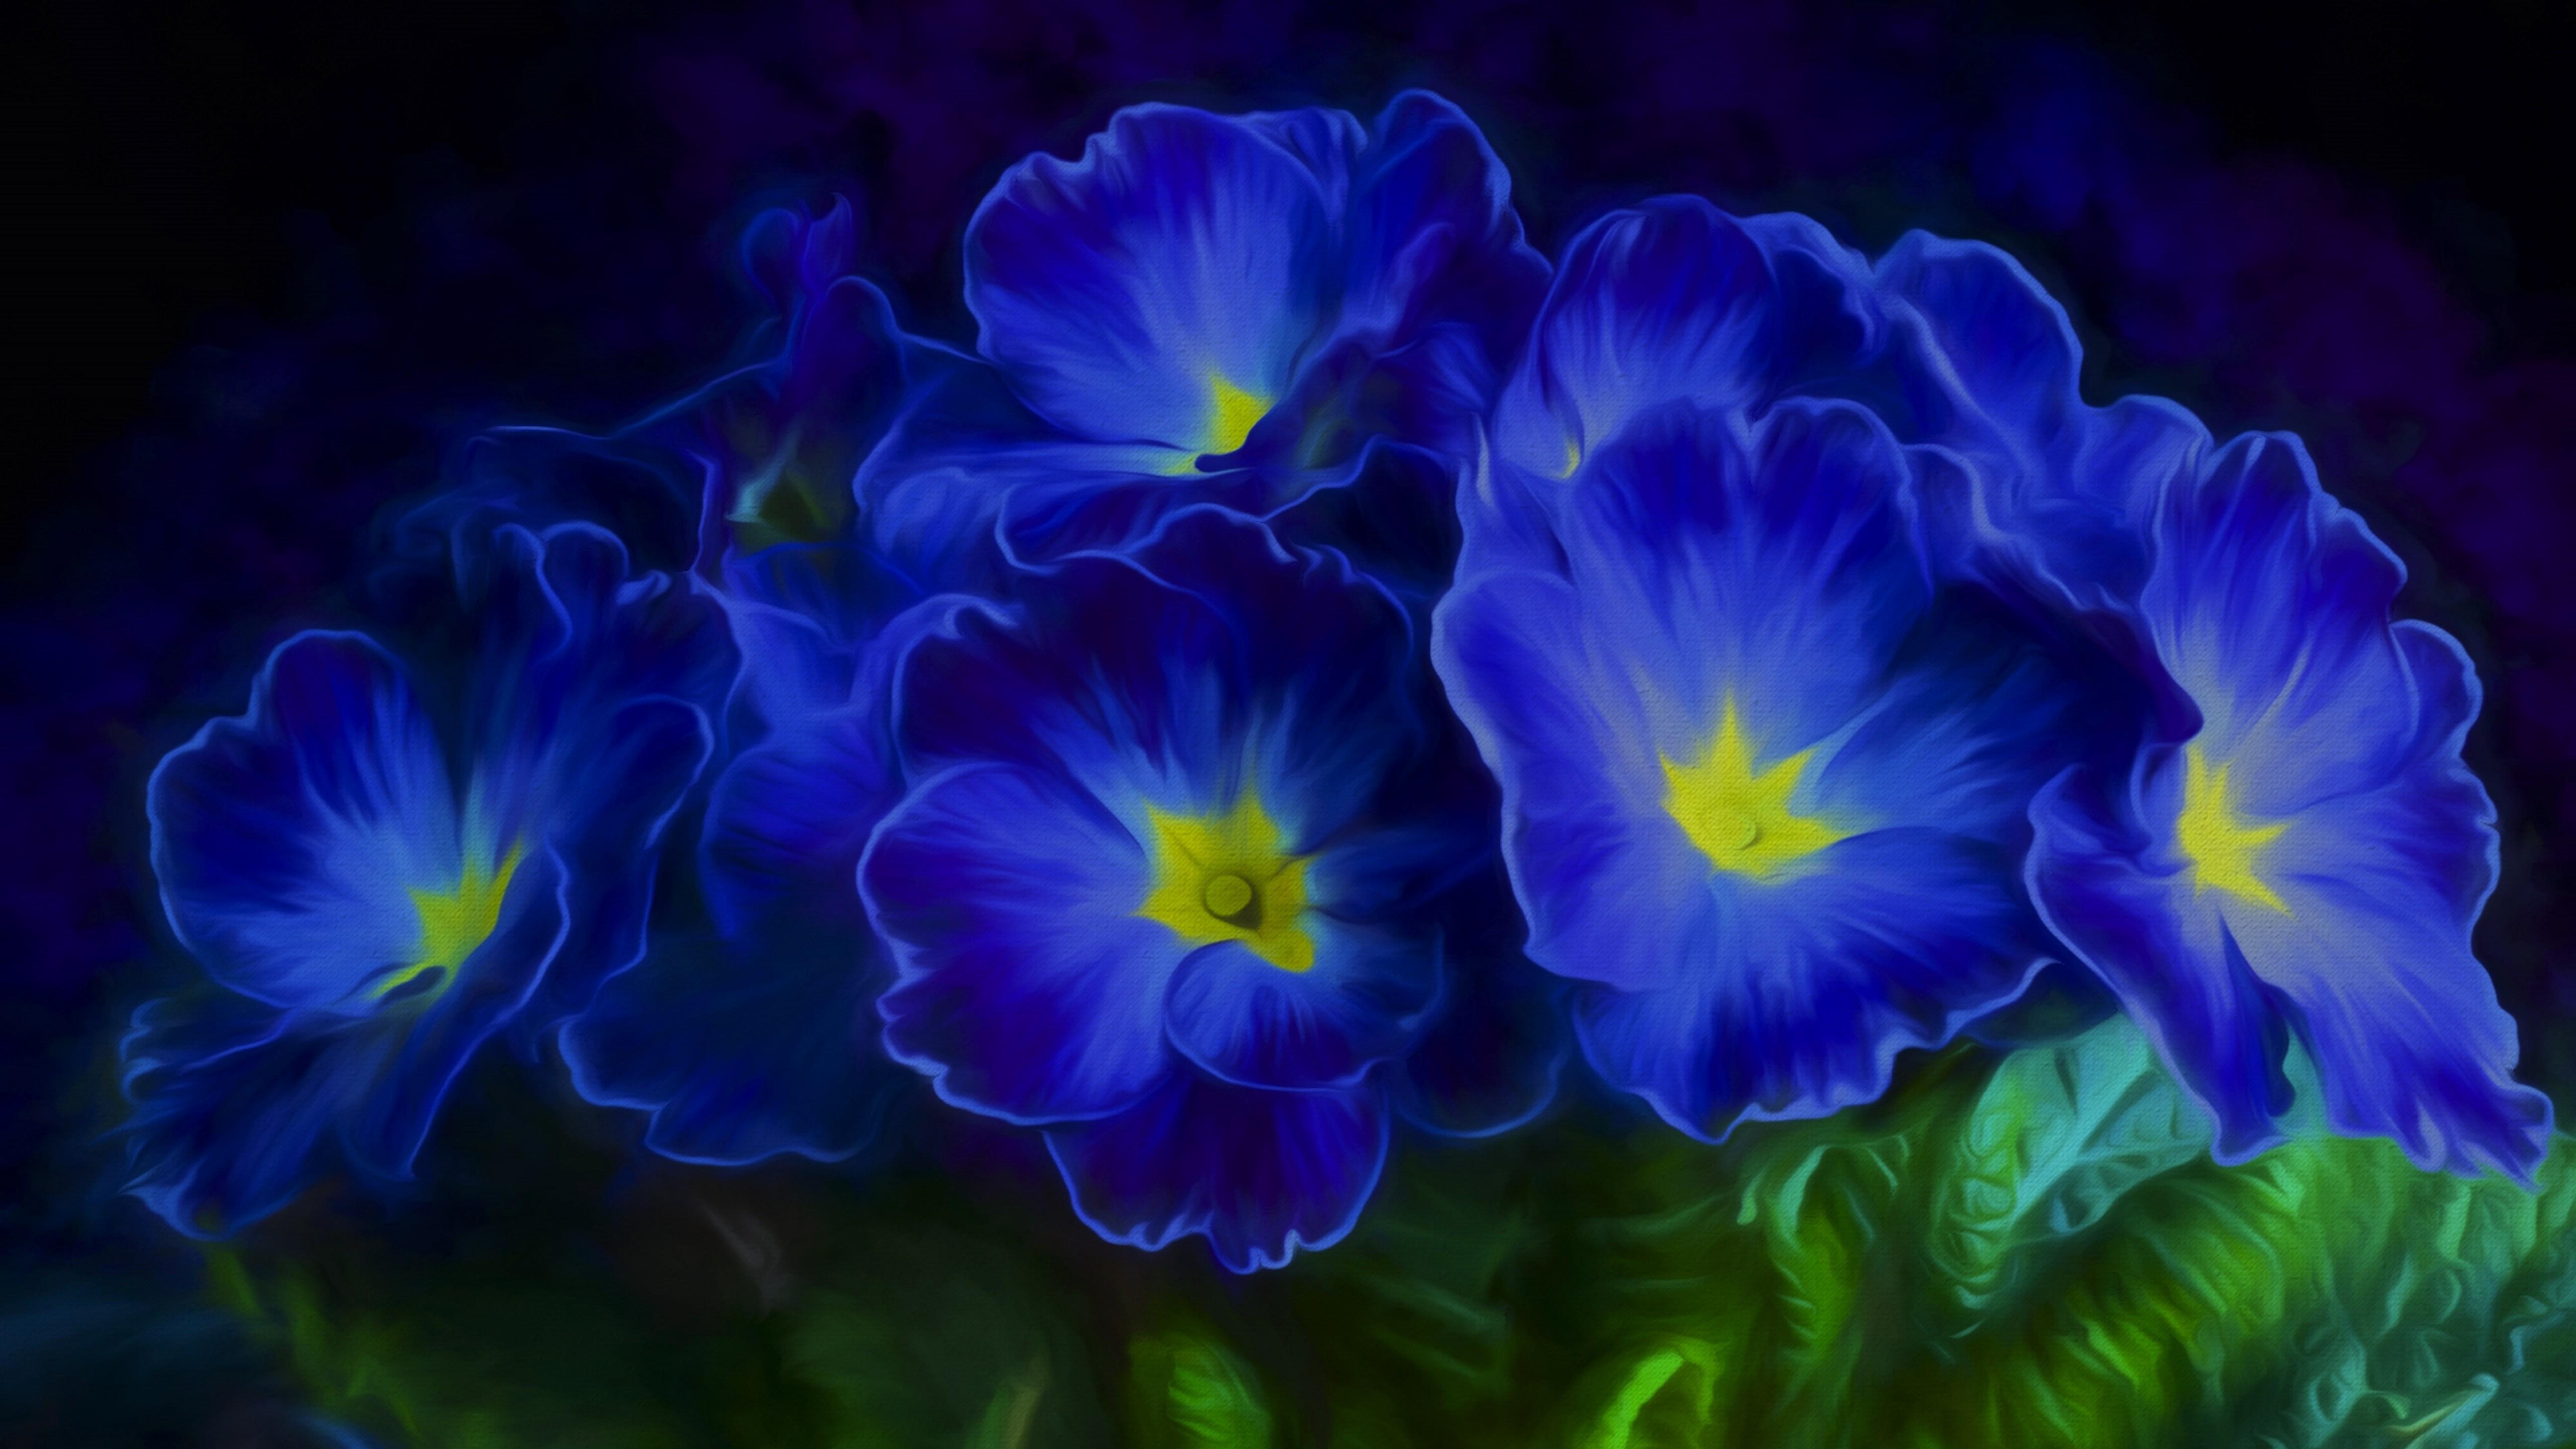 Картинка с синими цветами необычная прямой ссылке